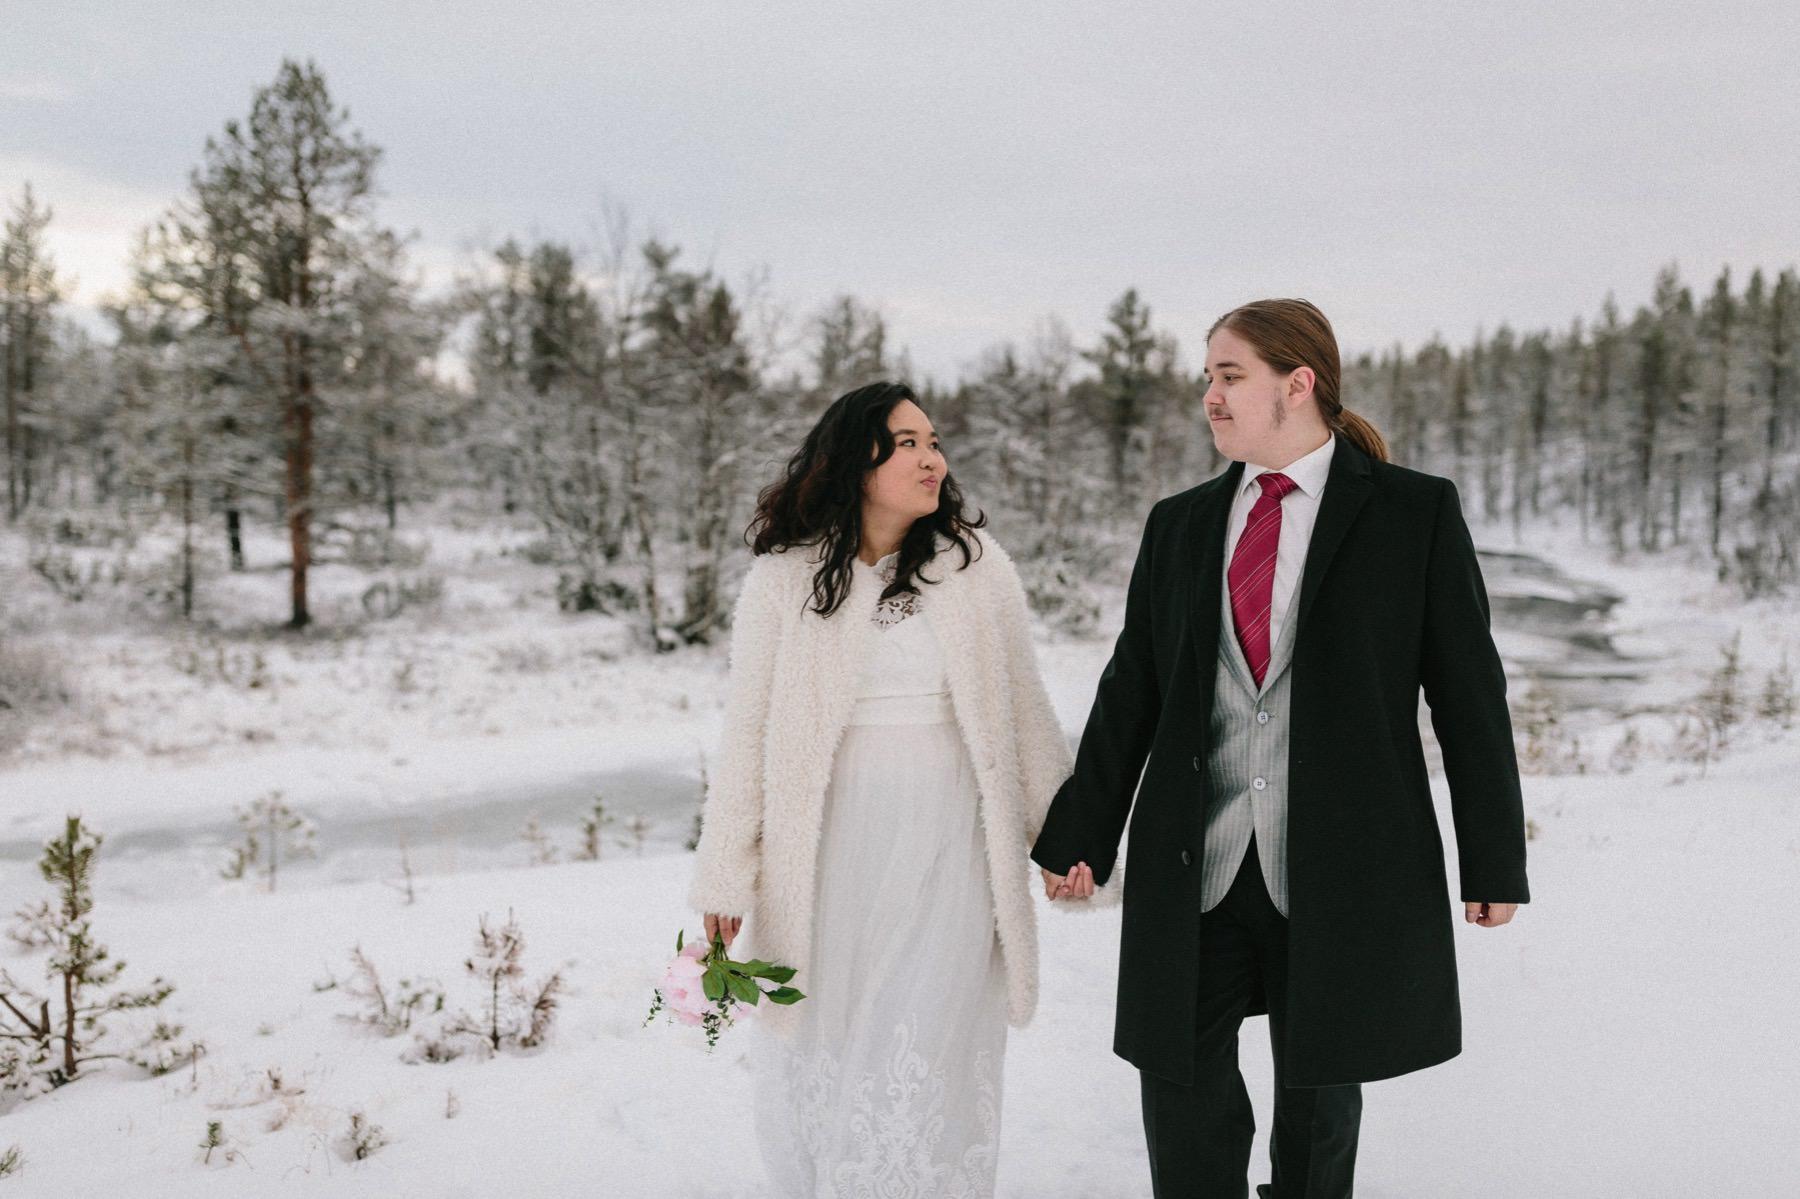 Lapland pre-wedding photographer